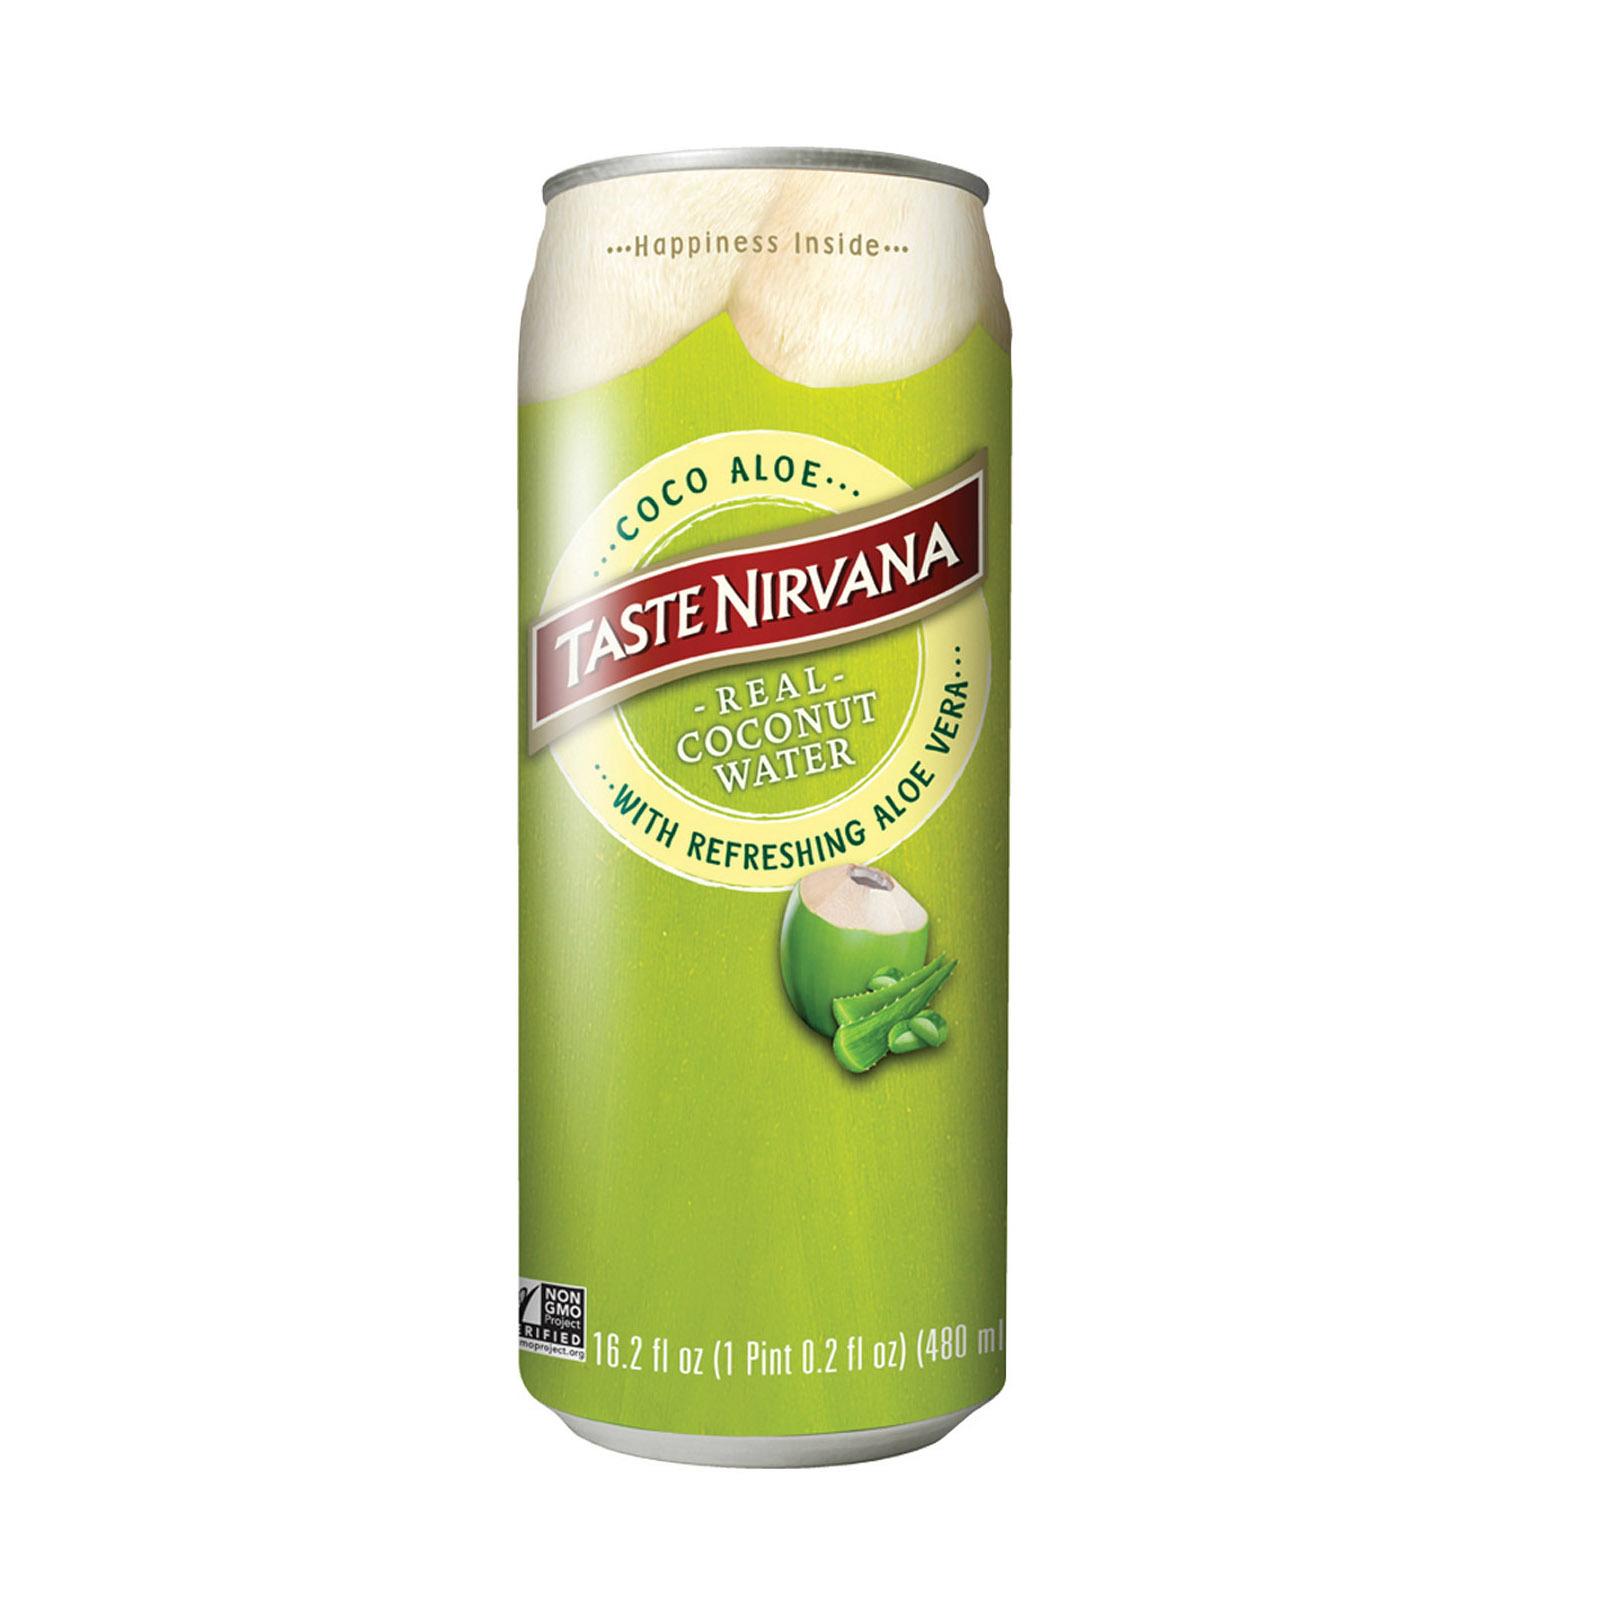 Taste Nirvana Coco Aloe Water - Case of 12 - 16.2 oz.